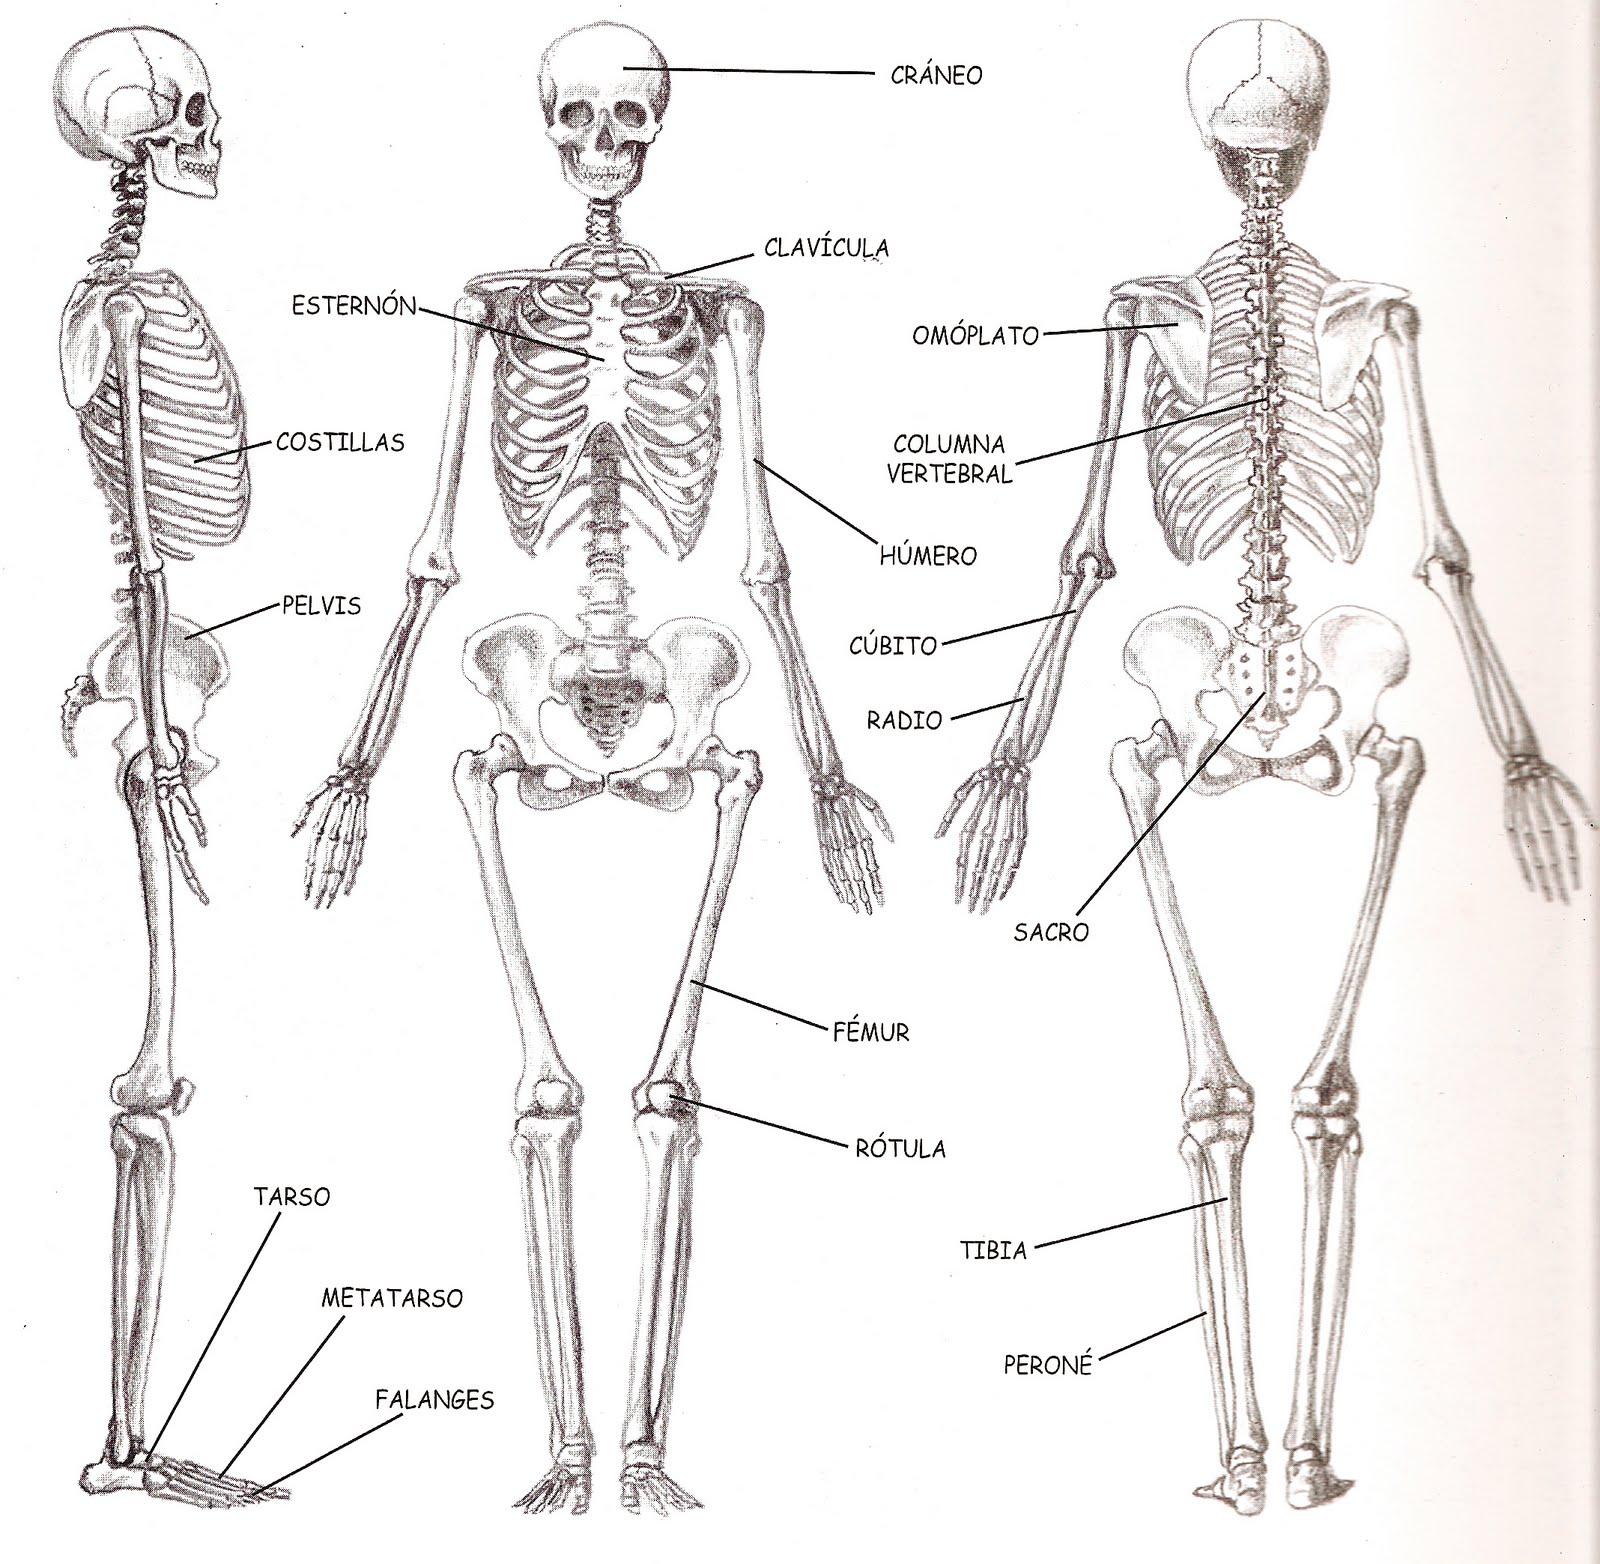 El Cuerpo Humano: Los huesos del cuerpo humano